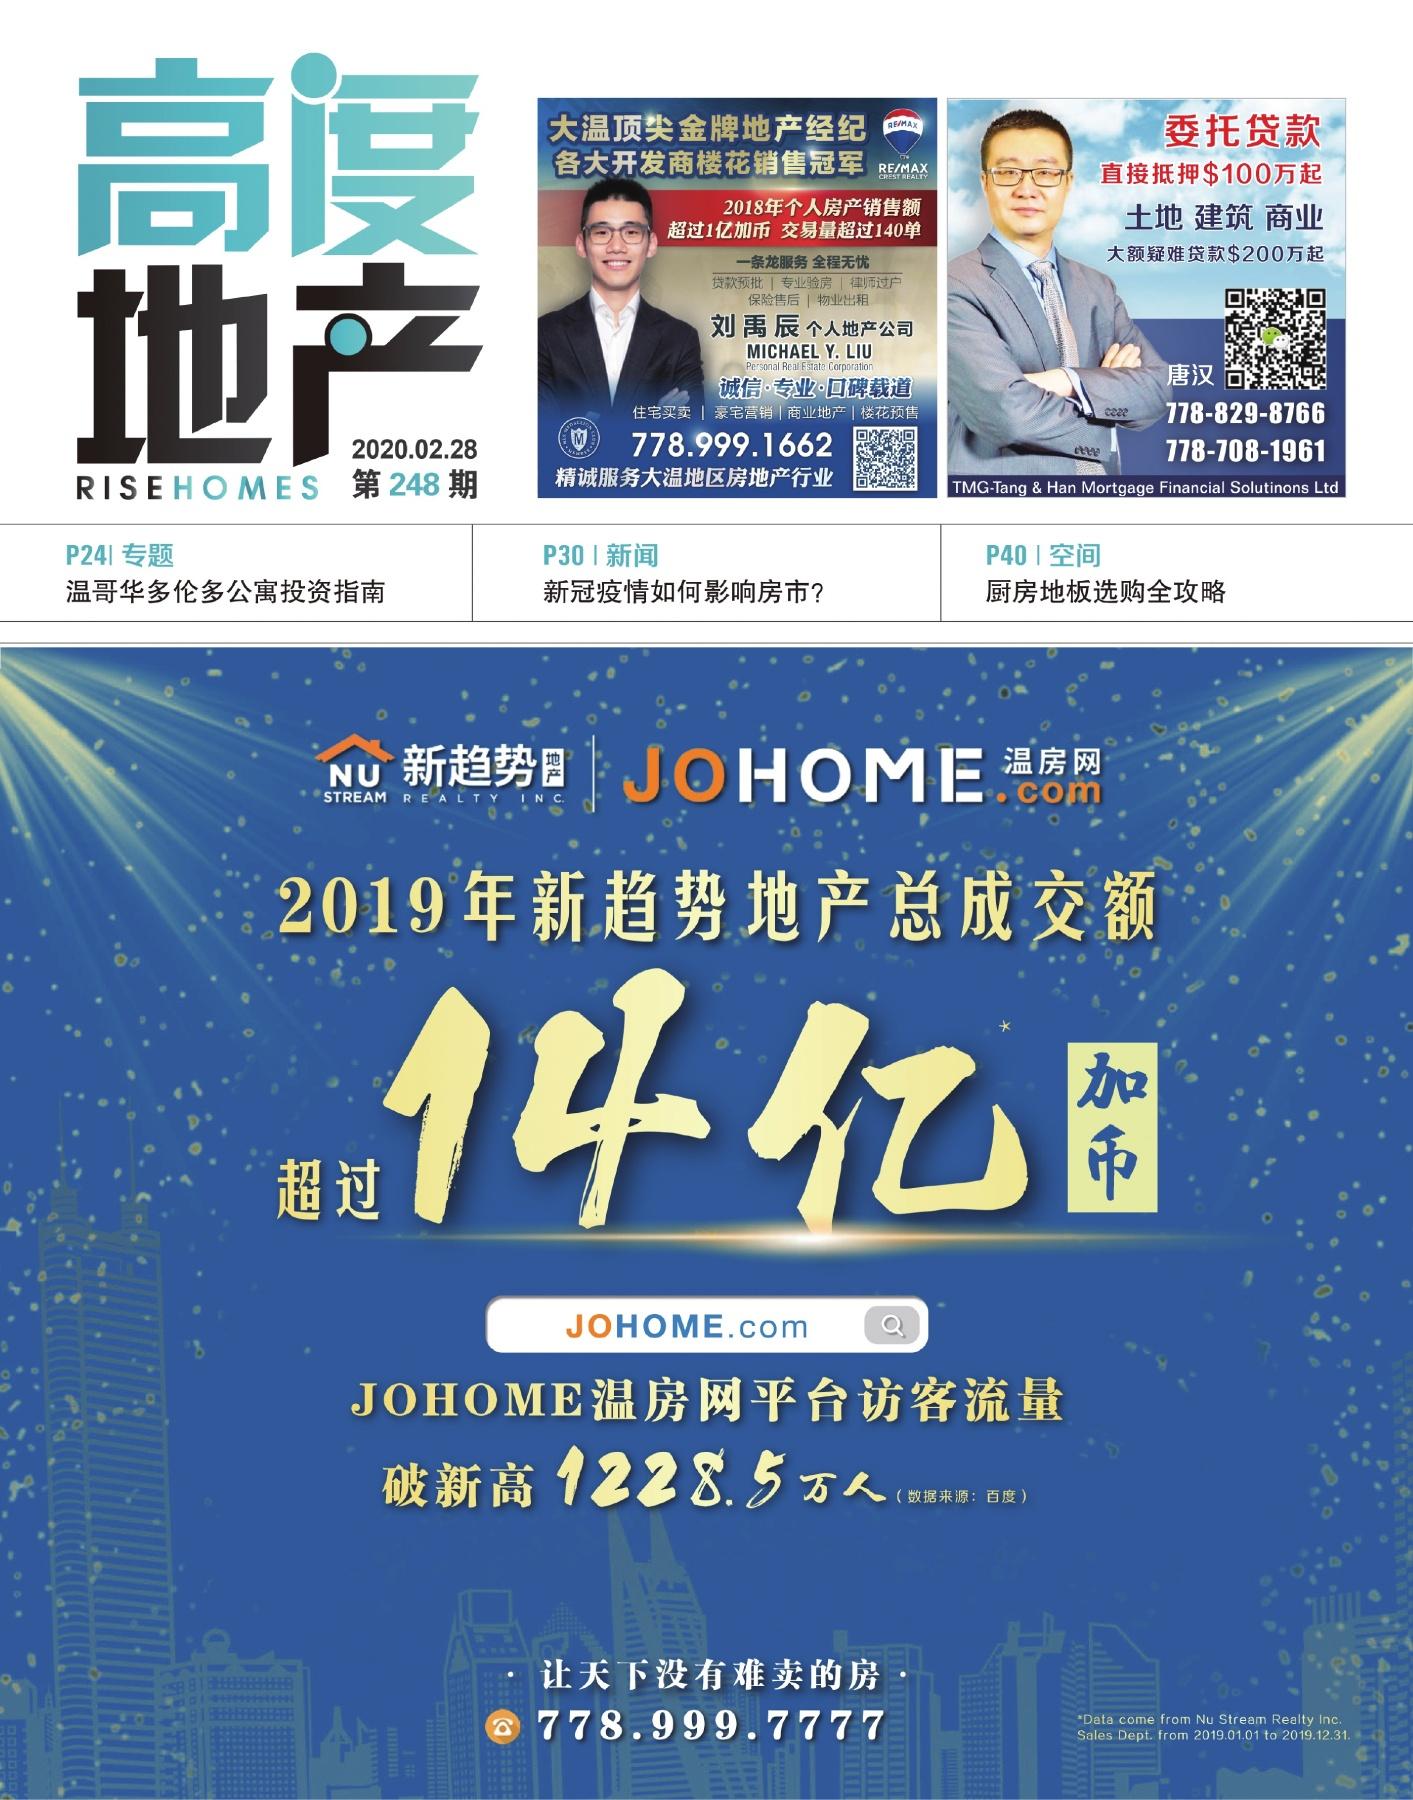 高度地产周刊 2020年02月28日 第248期